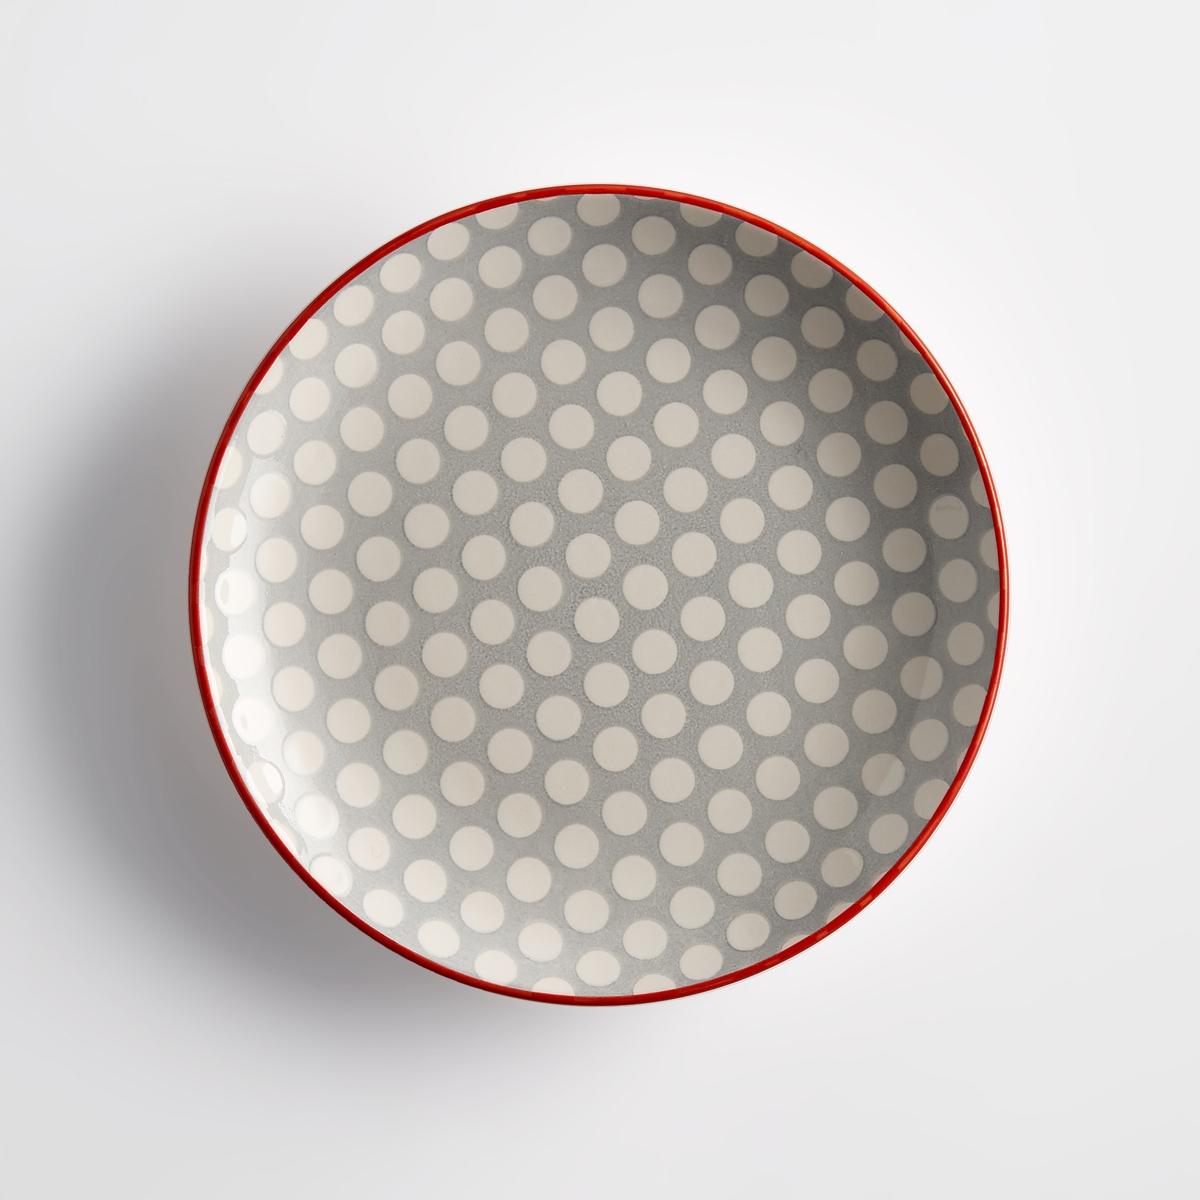 4 десертные тарелки из фаянса, DotkaУсовершенствованная форма тарелки Dotka обеспечивает ее функциональность, графический рисунок придает ей индивидуальность, которая отлично сочетается с любым стилем современной кухни.Характеристики 4 тарелок из фаянса Dotka :Из фаянса.Рисунок в горошек.Однотонная кайма контрастного цвета.Размеры 4 тарелок из фаянса Dotka :Диаметр. 19 см.Другие тарелки и предметы декора стола вы можете найти на сайте laredoute.ru<br><br>Цвет: в горошек розовый/белый,в горошек серый/белый<br>Размер: единый размер